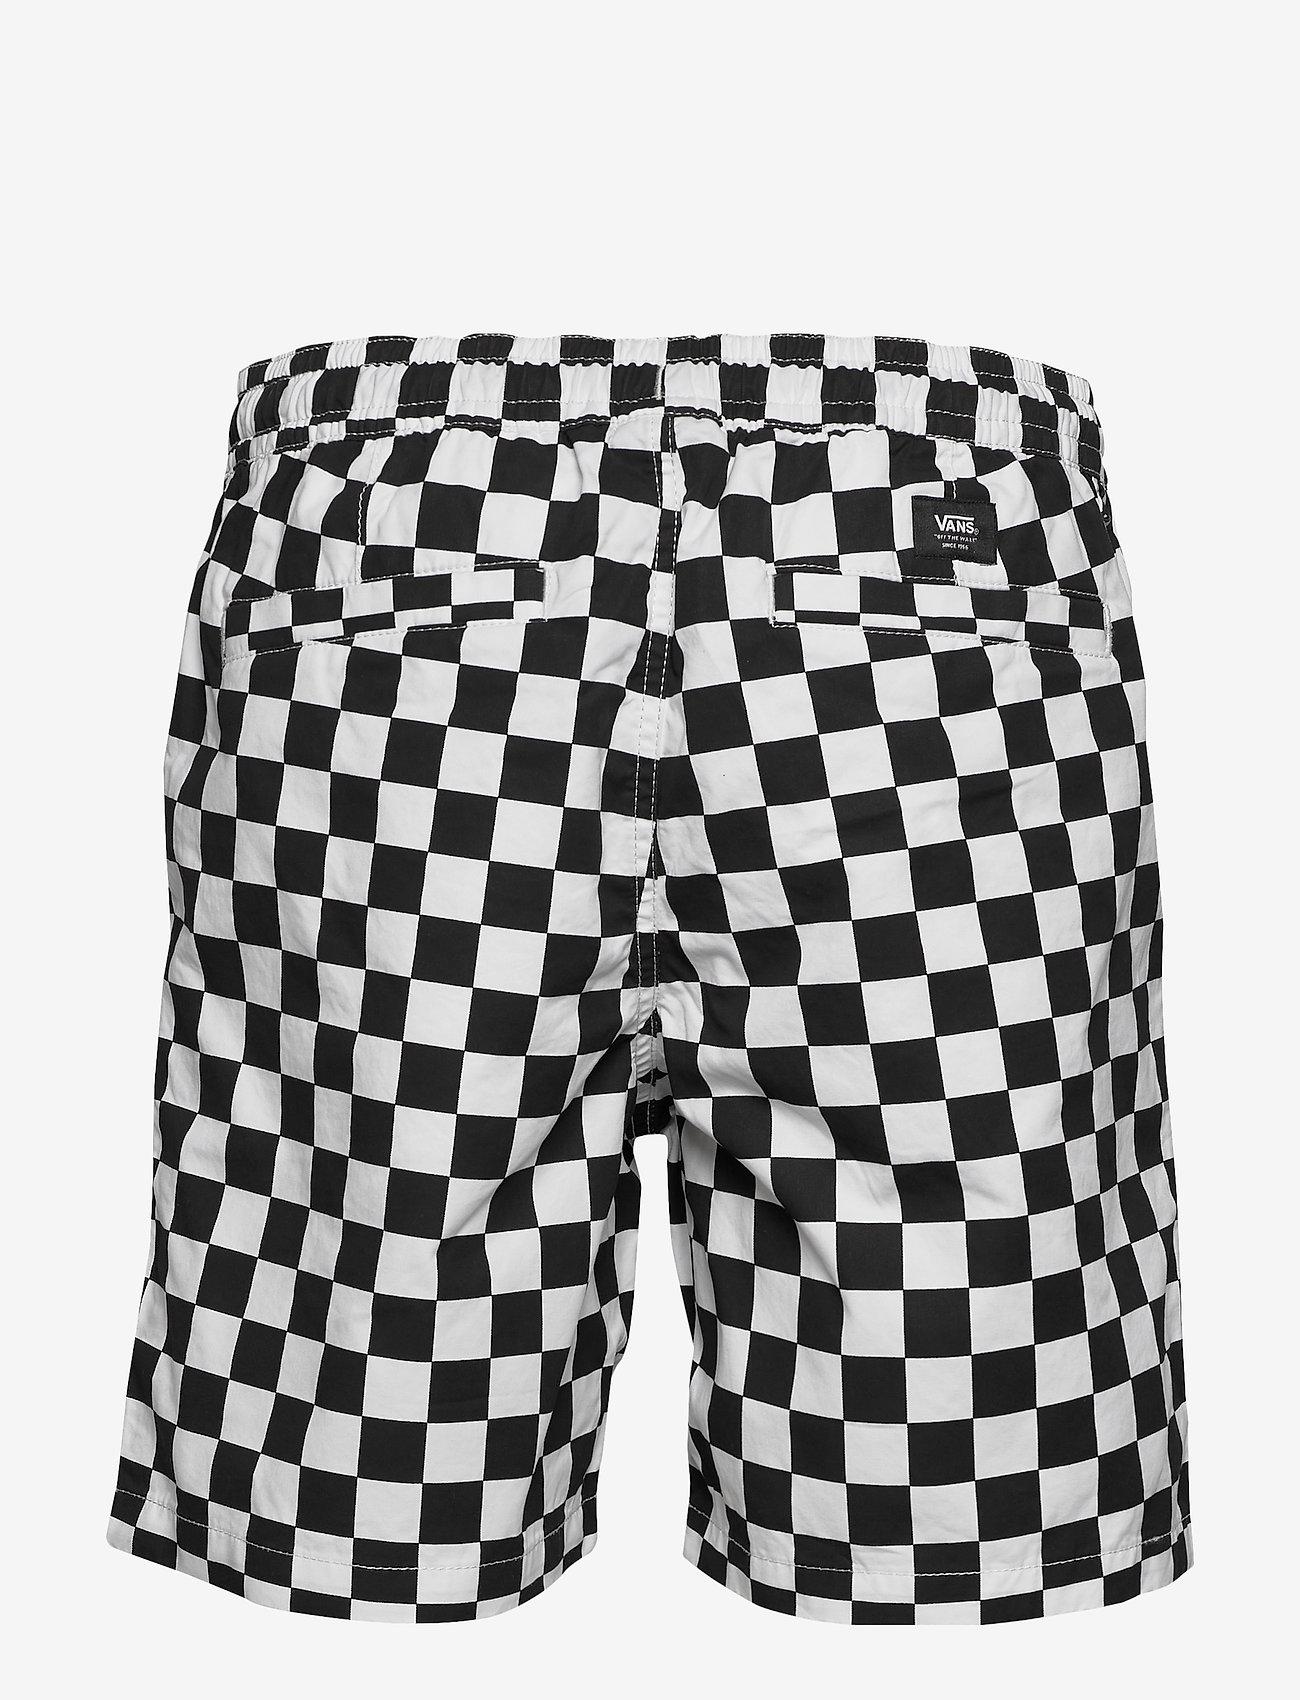 Range Short 18 (Checkerboard) (35.75 €) - VANS BaIvb